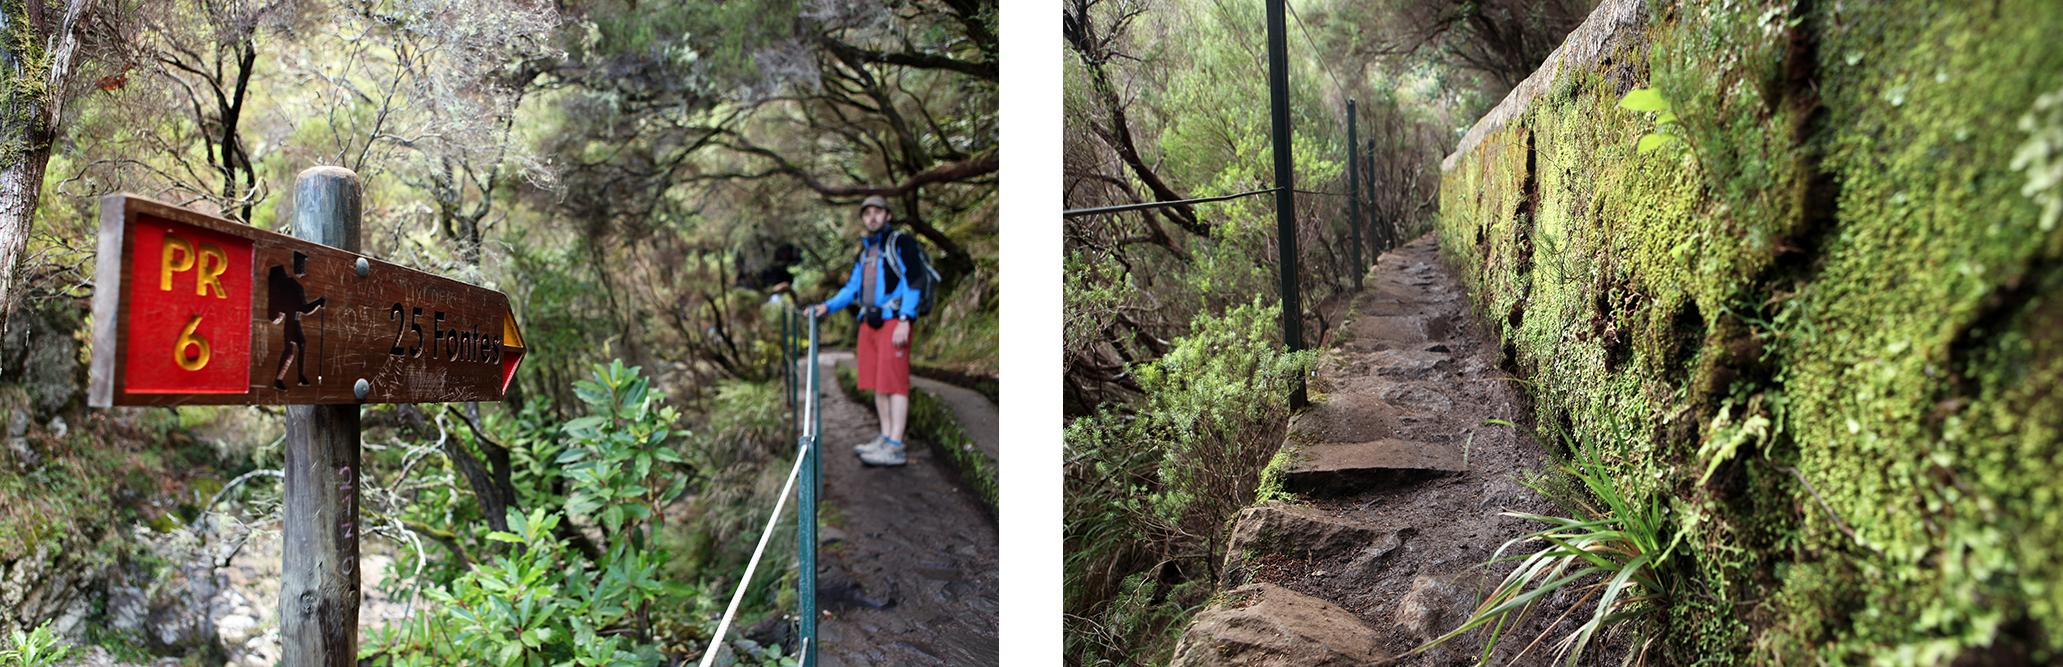 Levada des 25 Fontes, une des plus belles randonnées de Madère